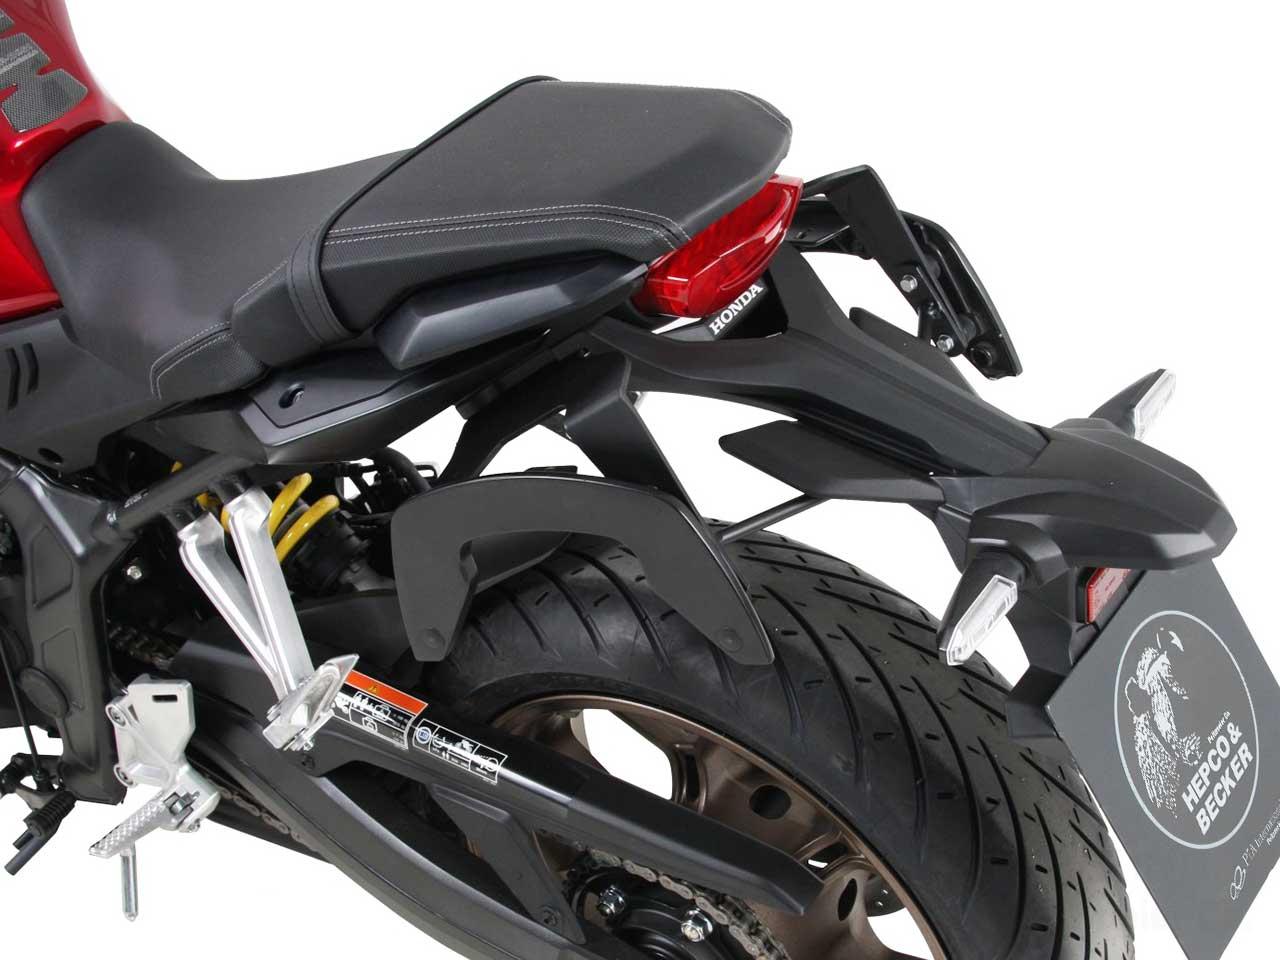 ヘプコ&ベッカー 正規品 サイドソフトケースホルダー(キャリア)「C-Bow」 Honda CB650R ('19-)